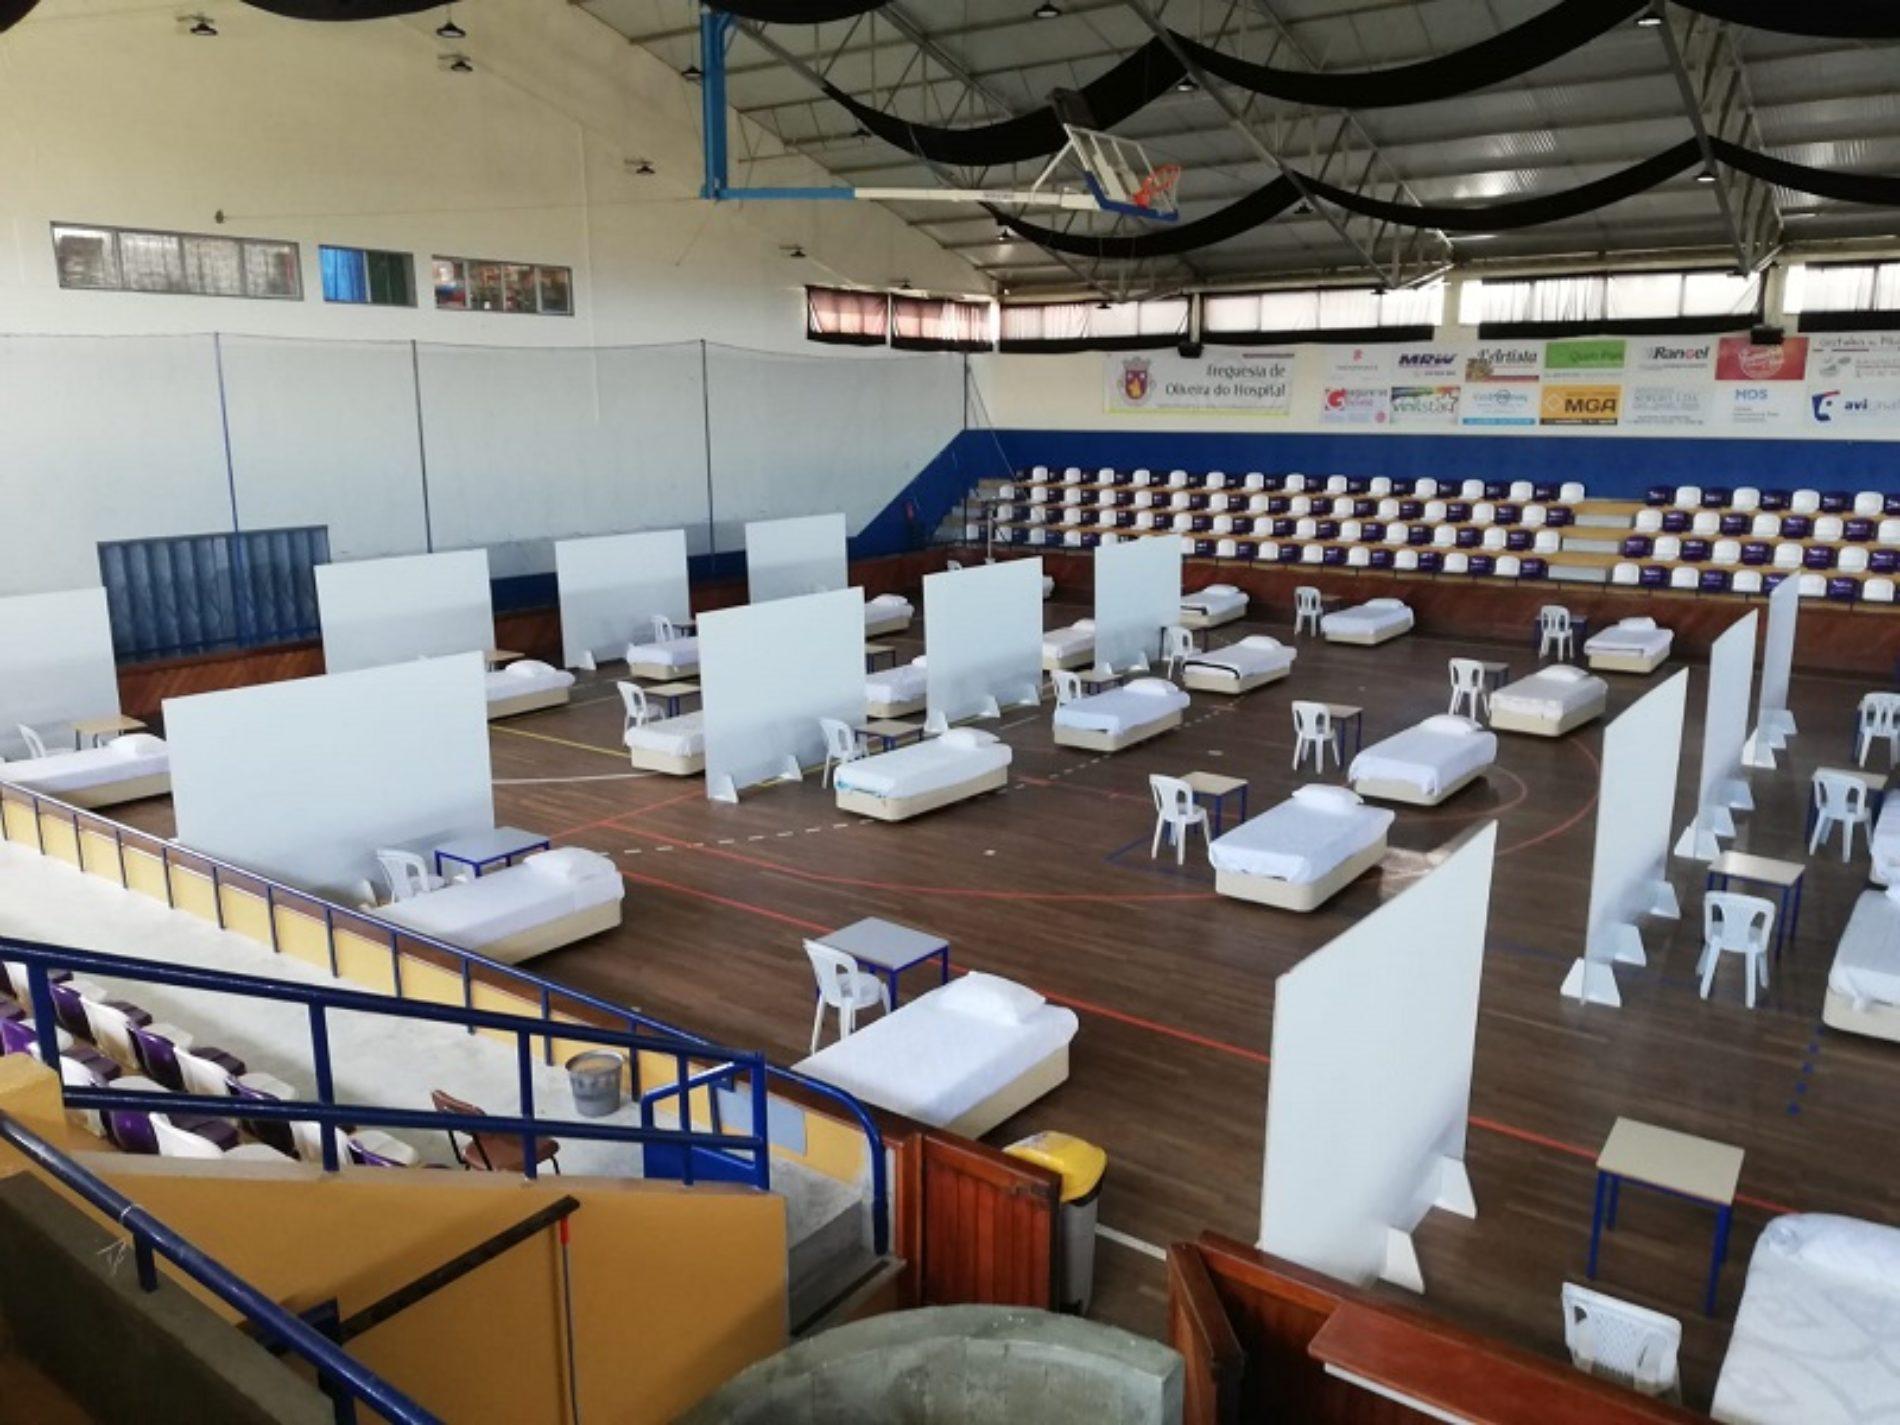 Município de Oliveira do Hospital cria centros de acolhimento com capacidade para 200 camas